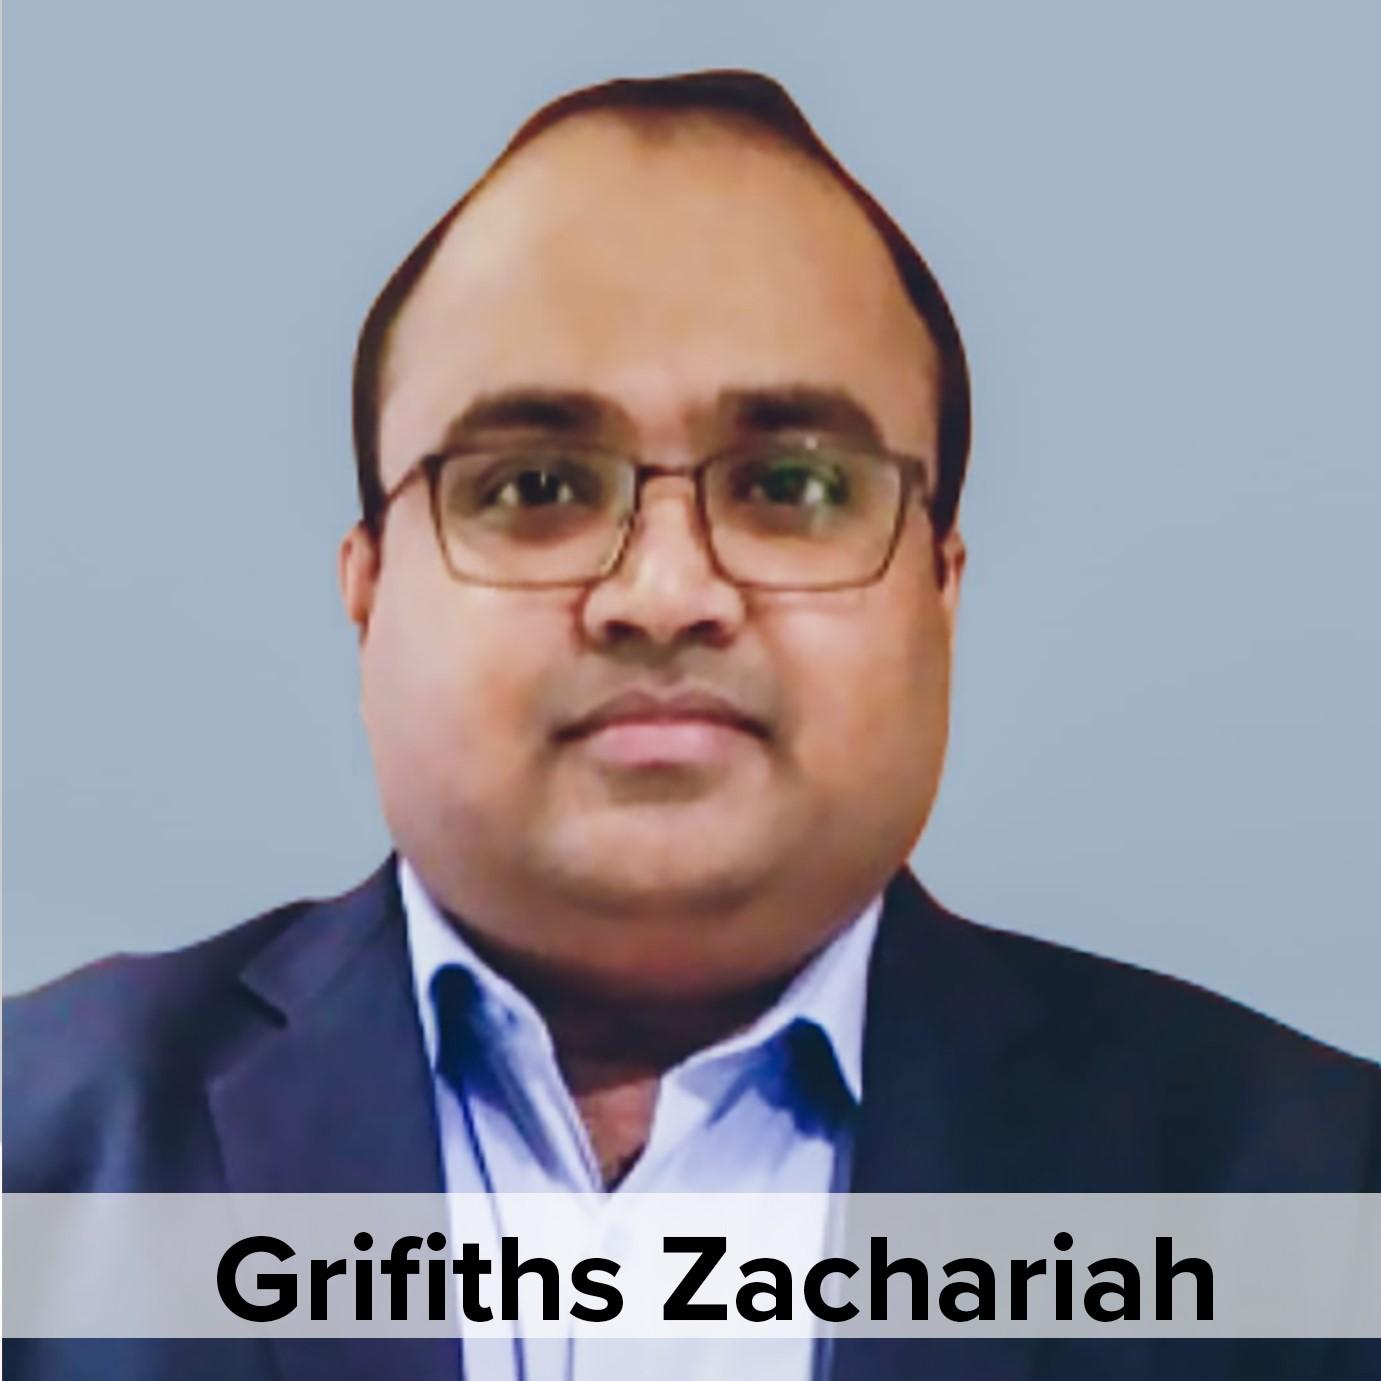 Grifiths Zachariah